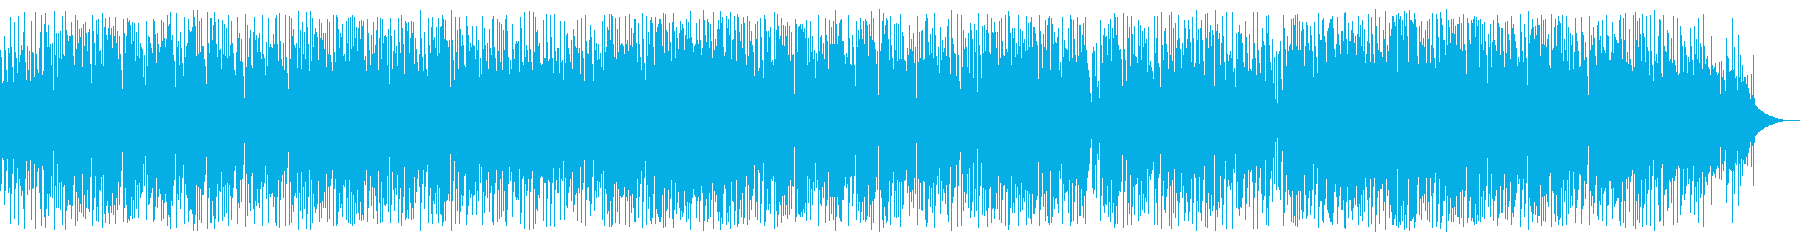 爽やかなBossa Novaの再生済みの波形